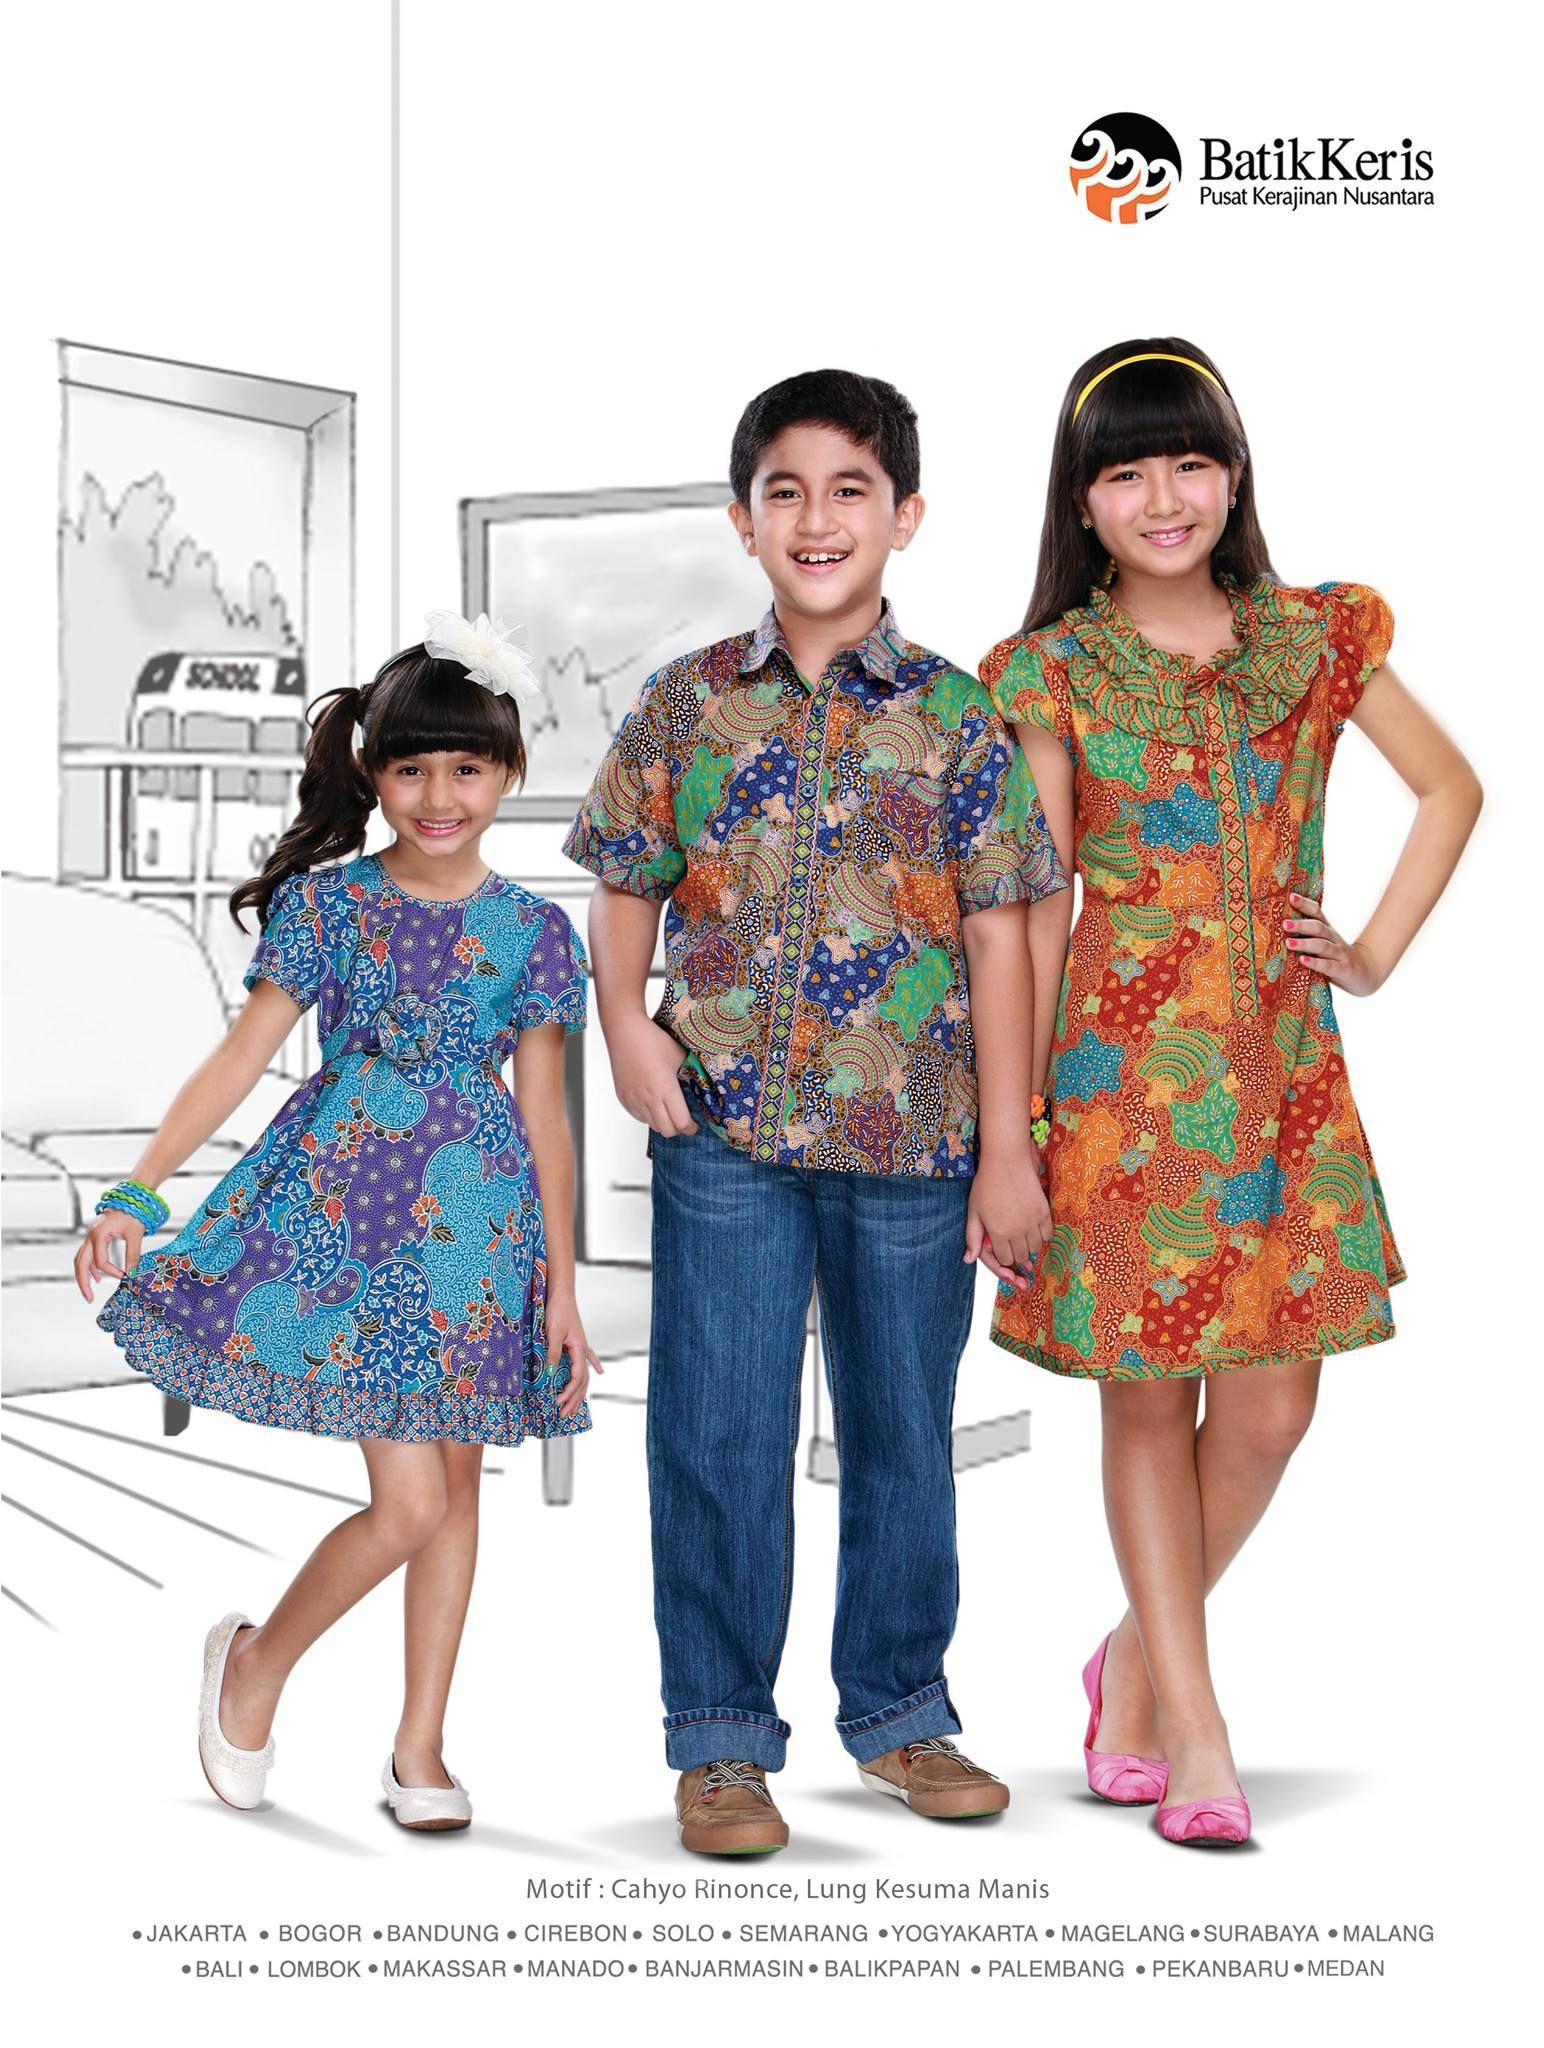 The Kids Collection dari Batik Keris. Motif  Cahyo Rinonce dan Lung Kesuma  Manis. 7e3423a3ae